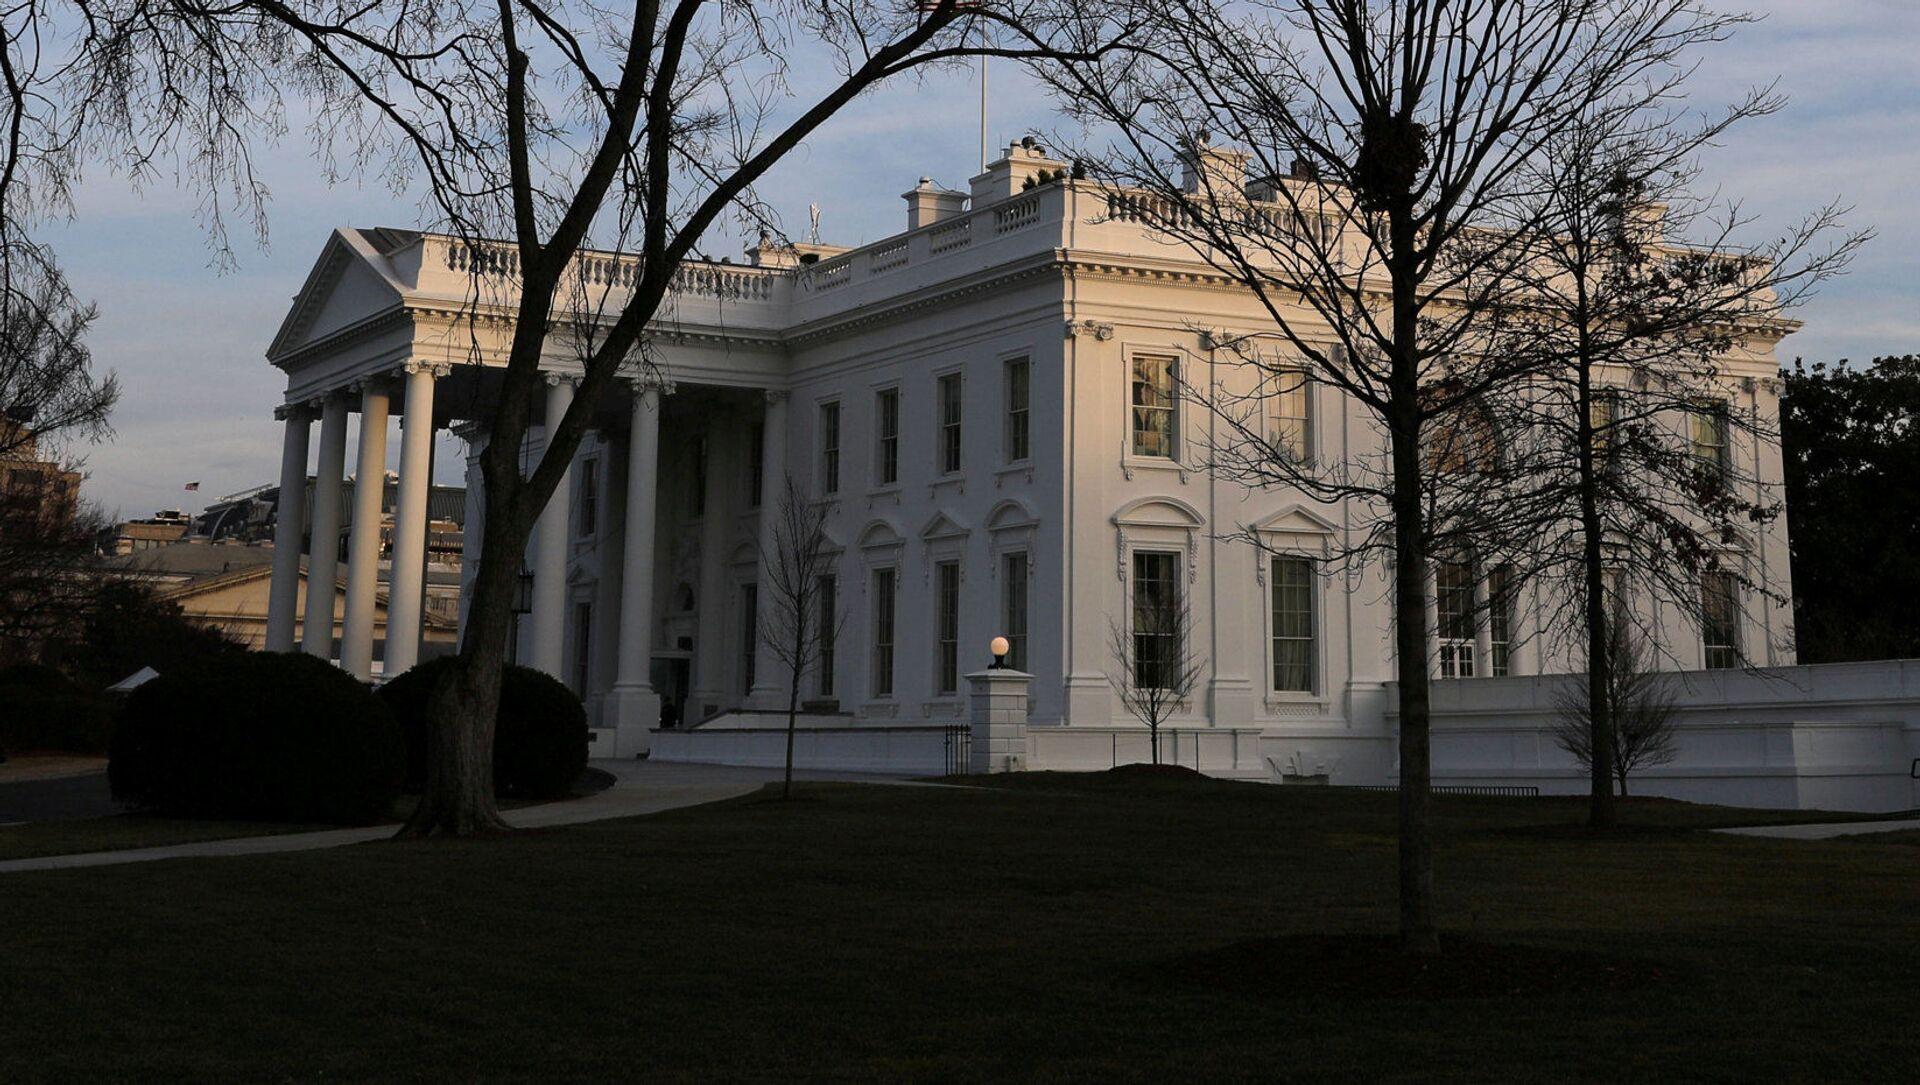 Biały Dom, Waszyngton - Sputnik Polska, 1920, 12.03.2021